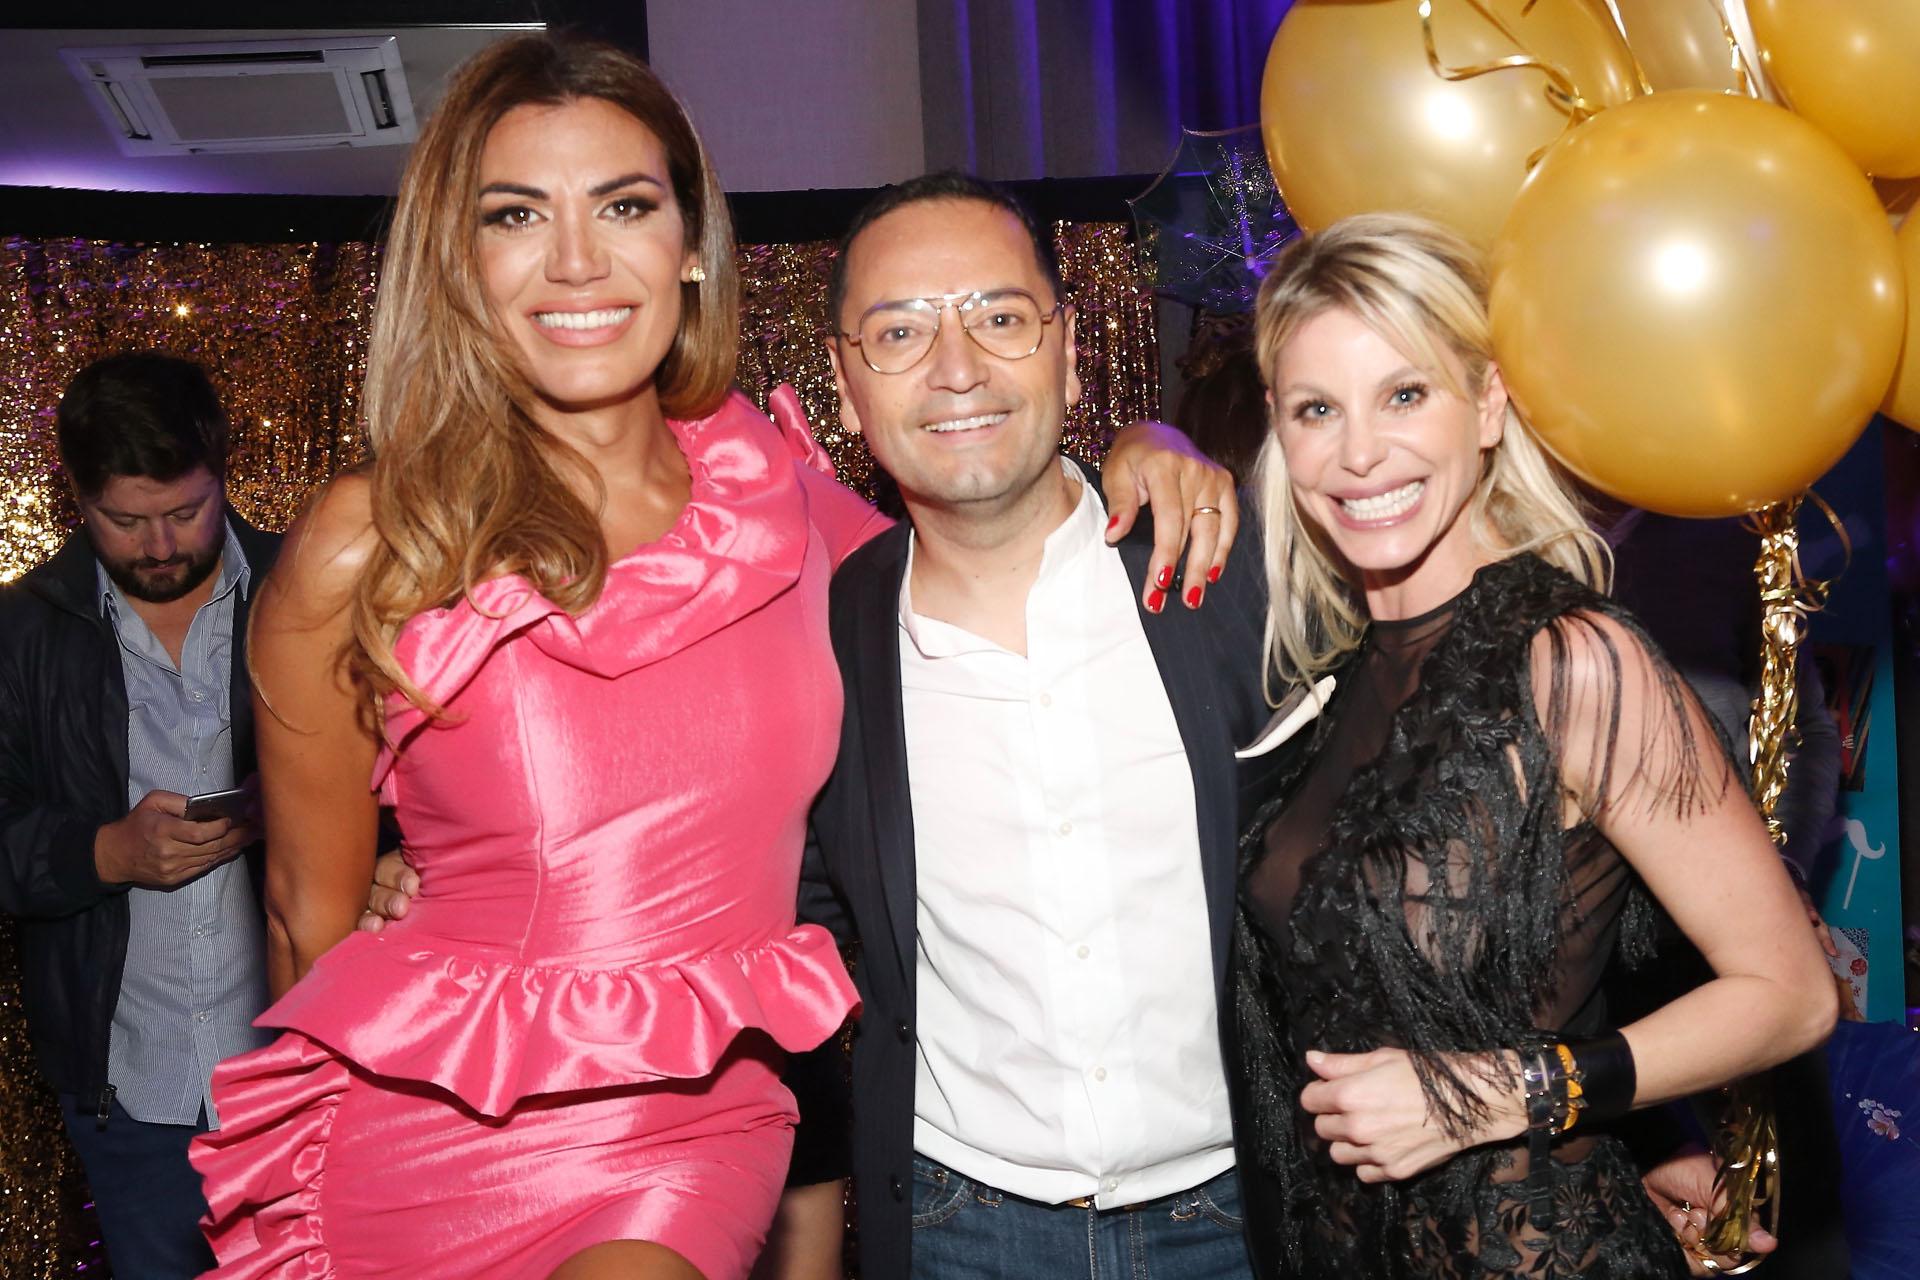 Flor de la V y Jimena Cyrulnik estuvieron entre las invitadas a la gran fiesta de cumpleaños de Fabián Medina Flores